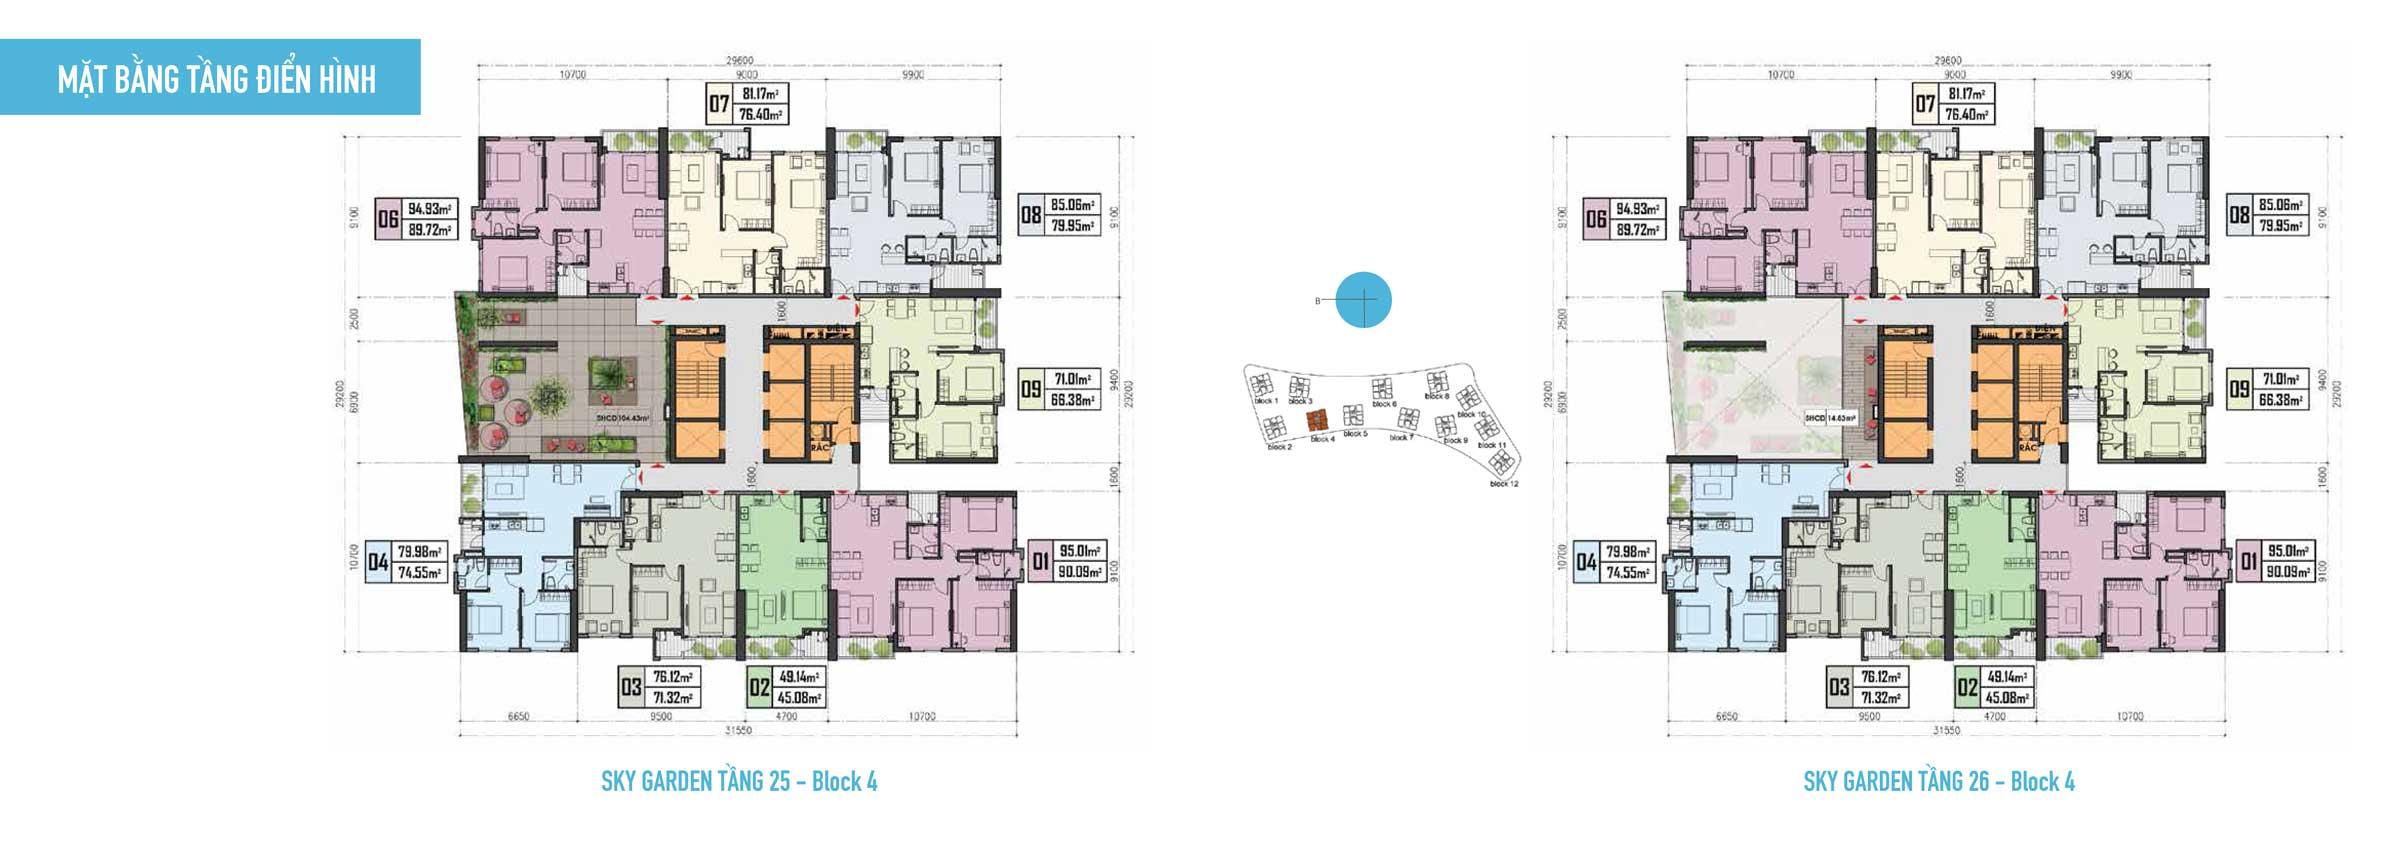 Thiết kế Căn hộ Gem Riverside - Mặt bằng tầng 25-26-Block-4